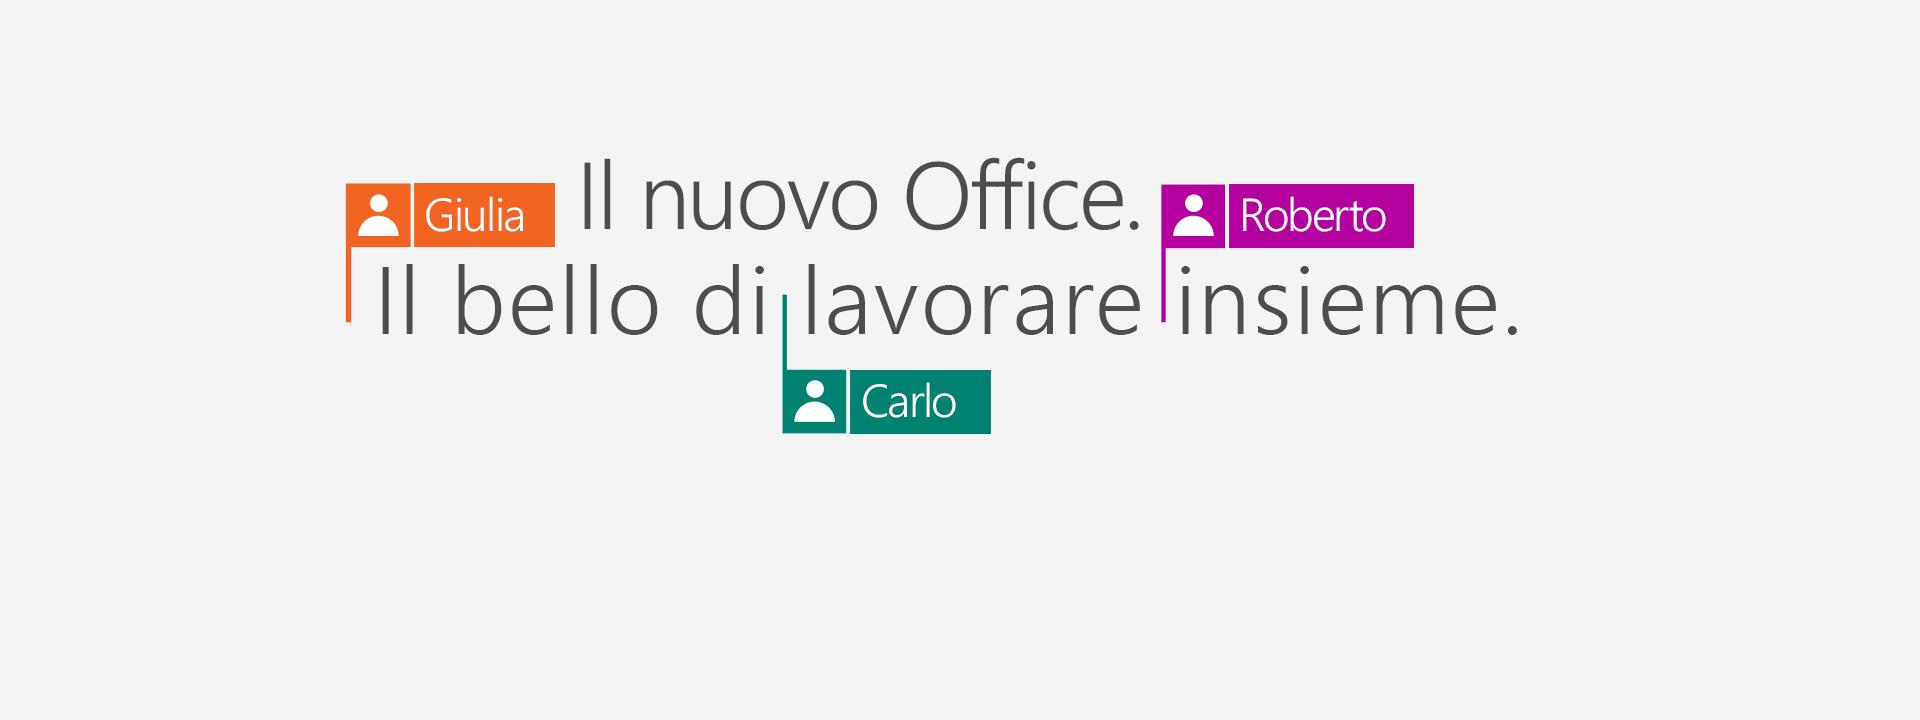 Acquista Office 365 per avere le nuove app 2016.